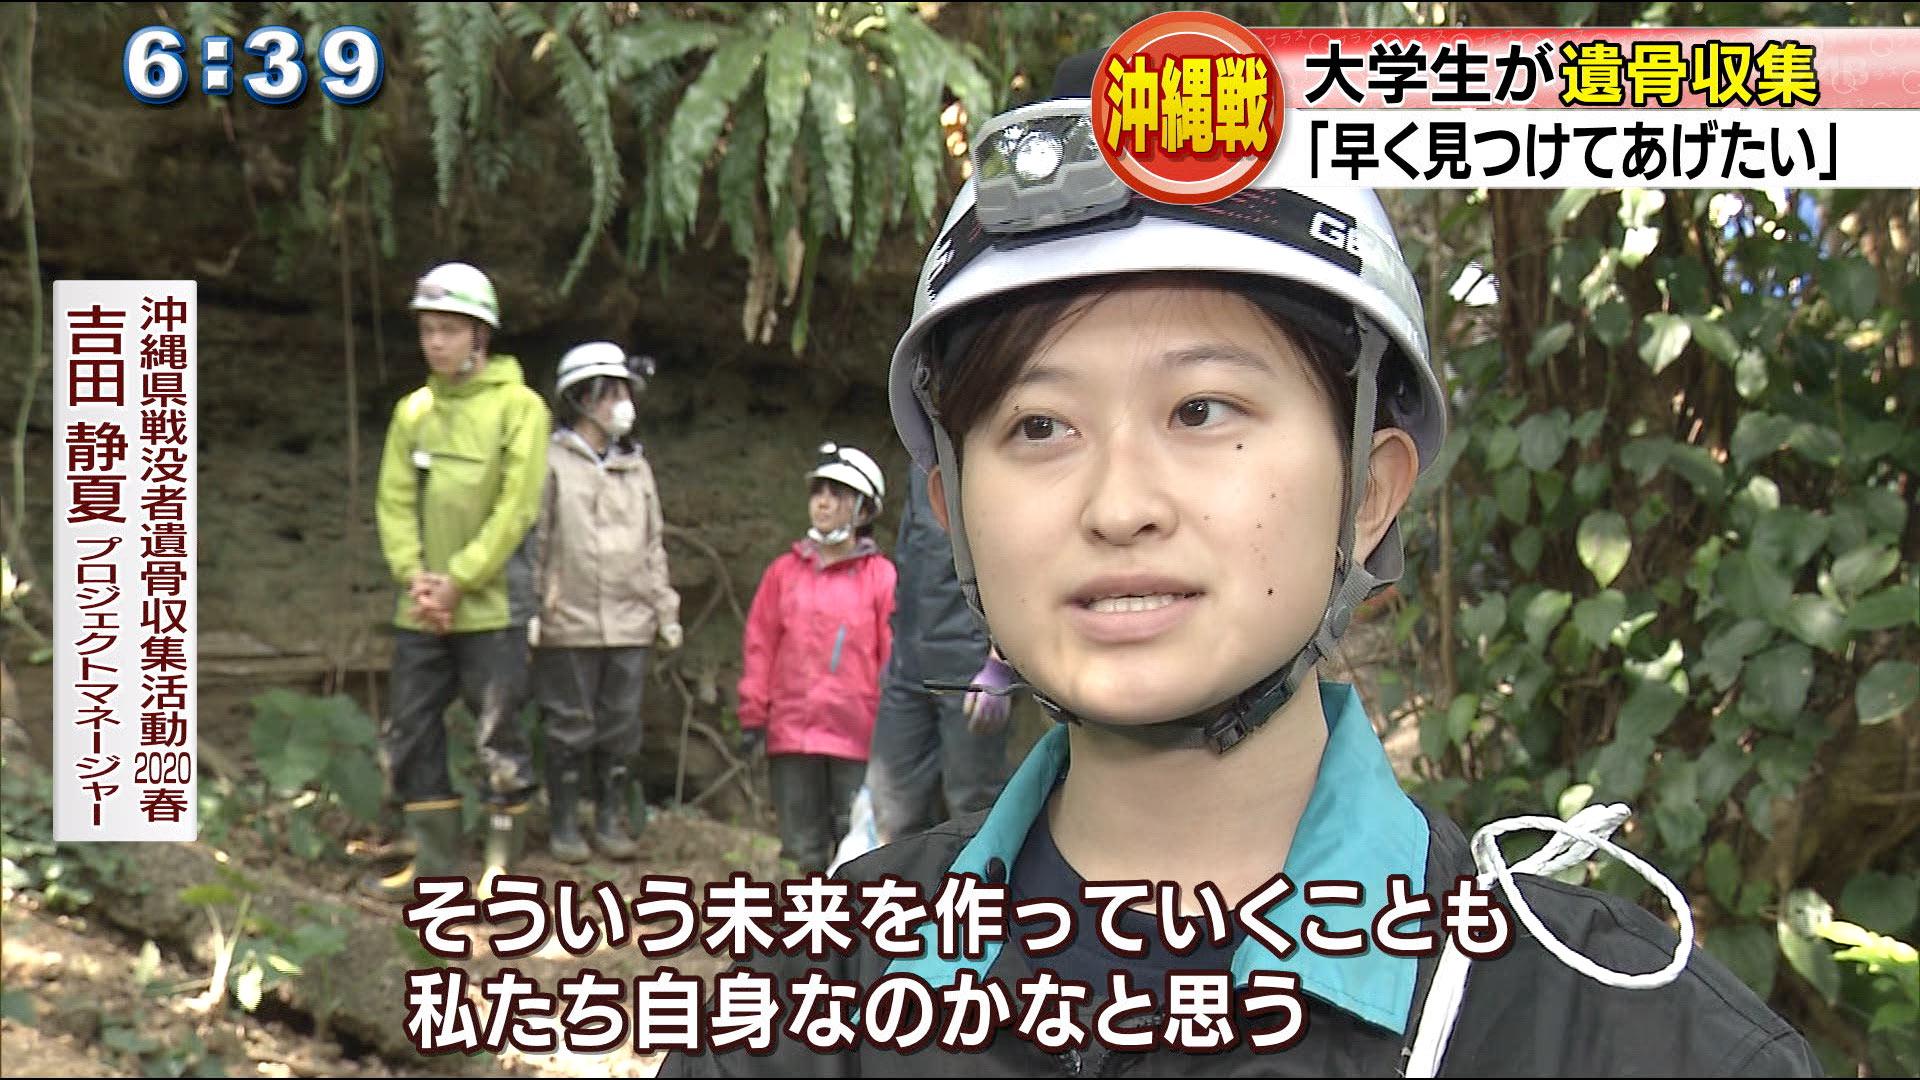 本土や県内の大学生が沖縄戦遺骨収集